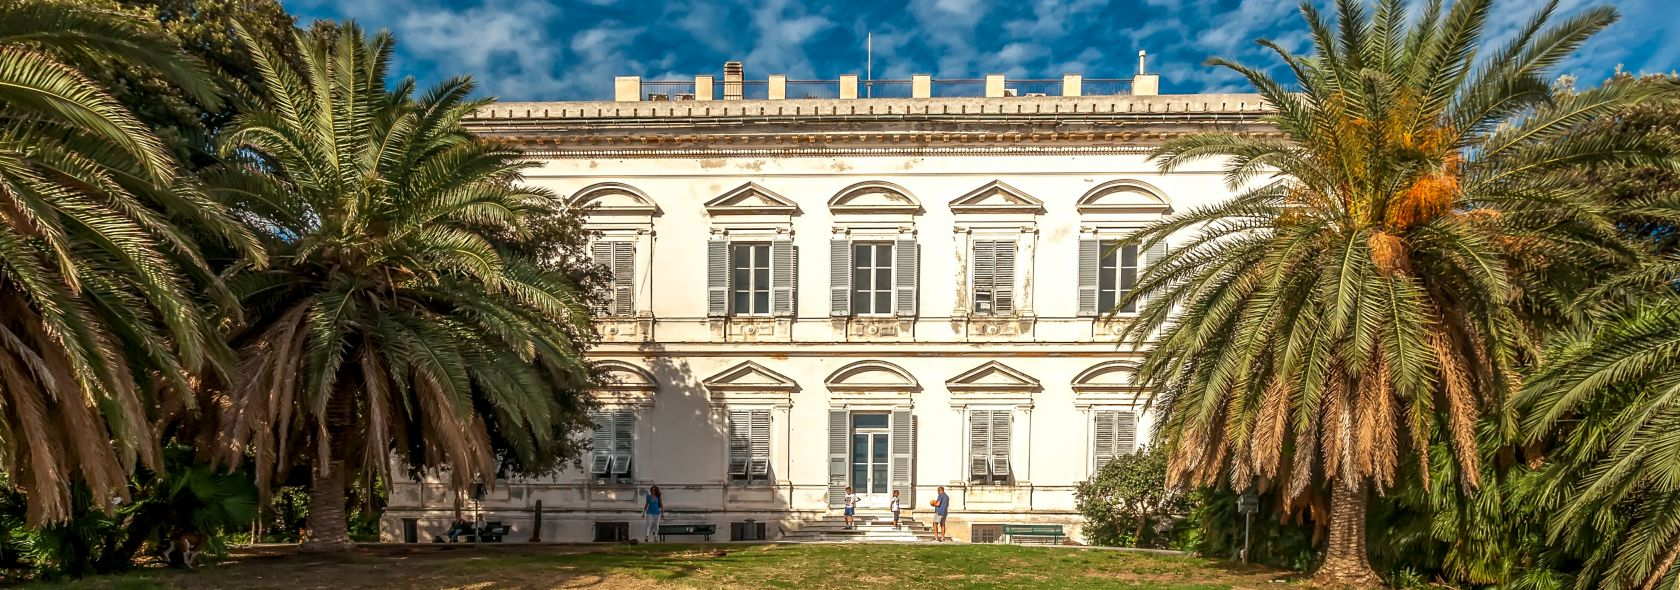 Villa Croce - foto: Maurizio Beatrici (CC 4.0)